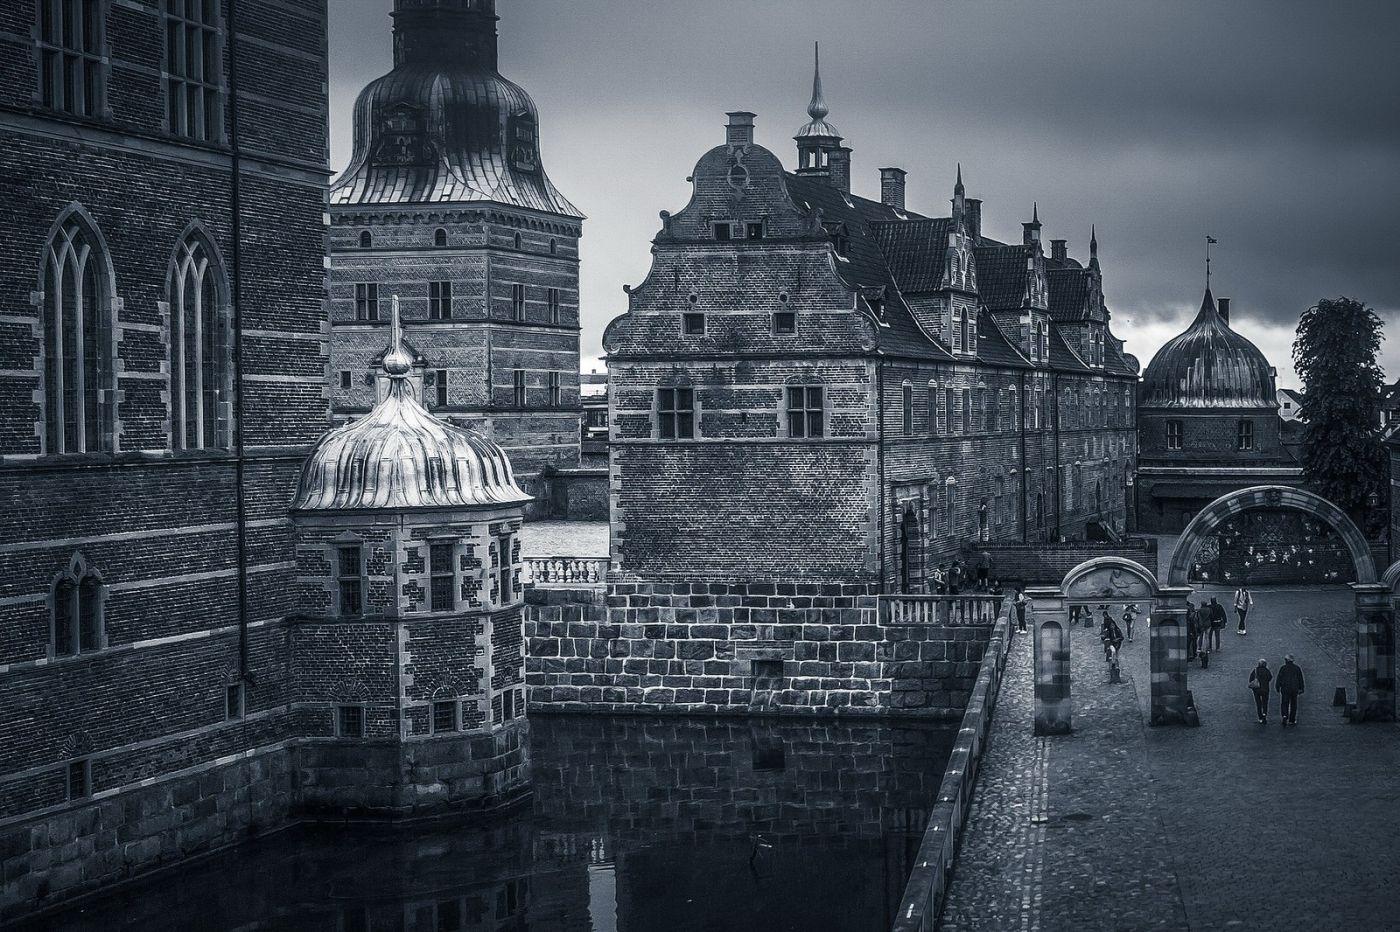 丹麦腓特烈堡城堡,回看历史_图1-7